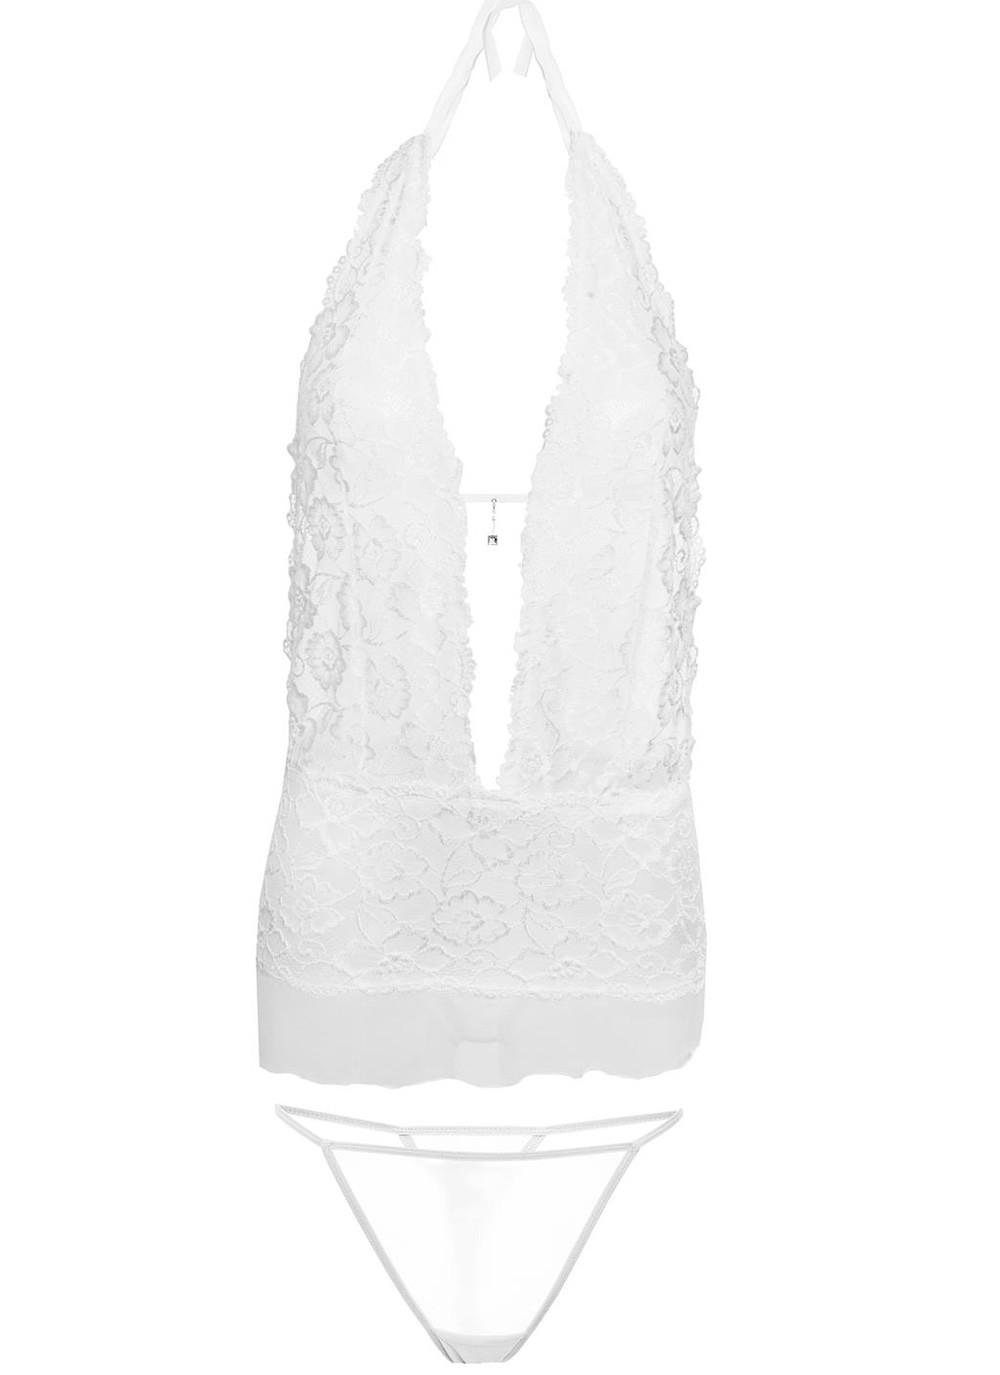 Emily Lace Chemise Set - White